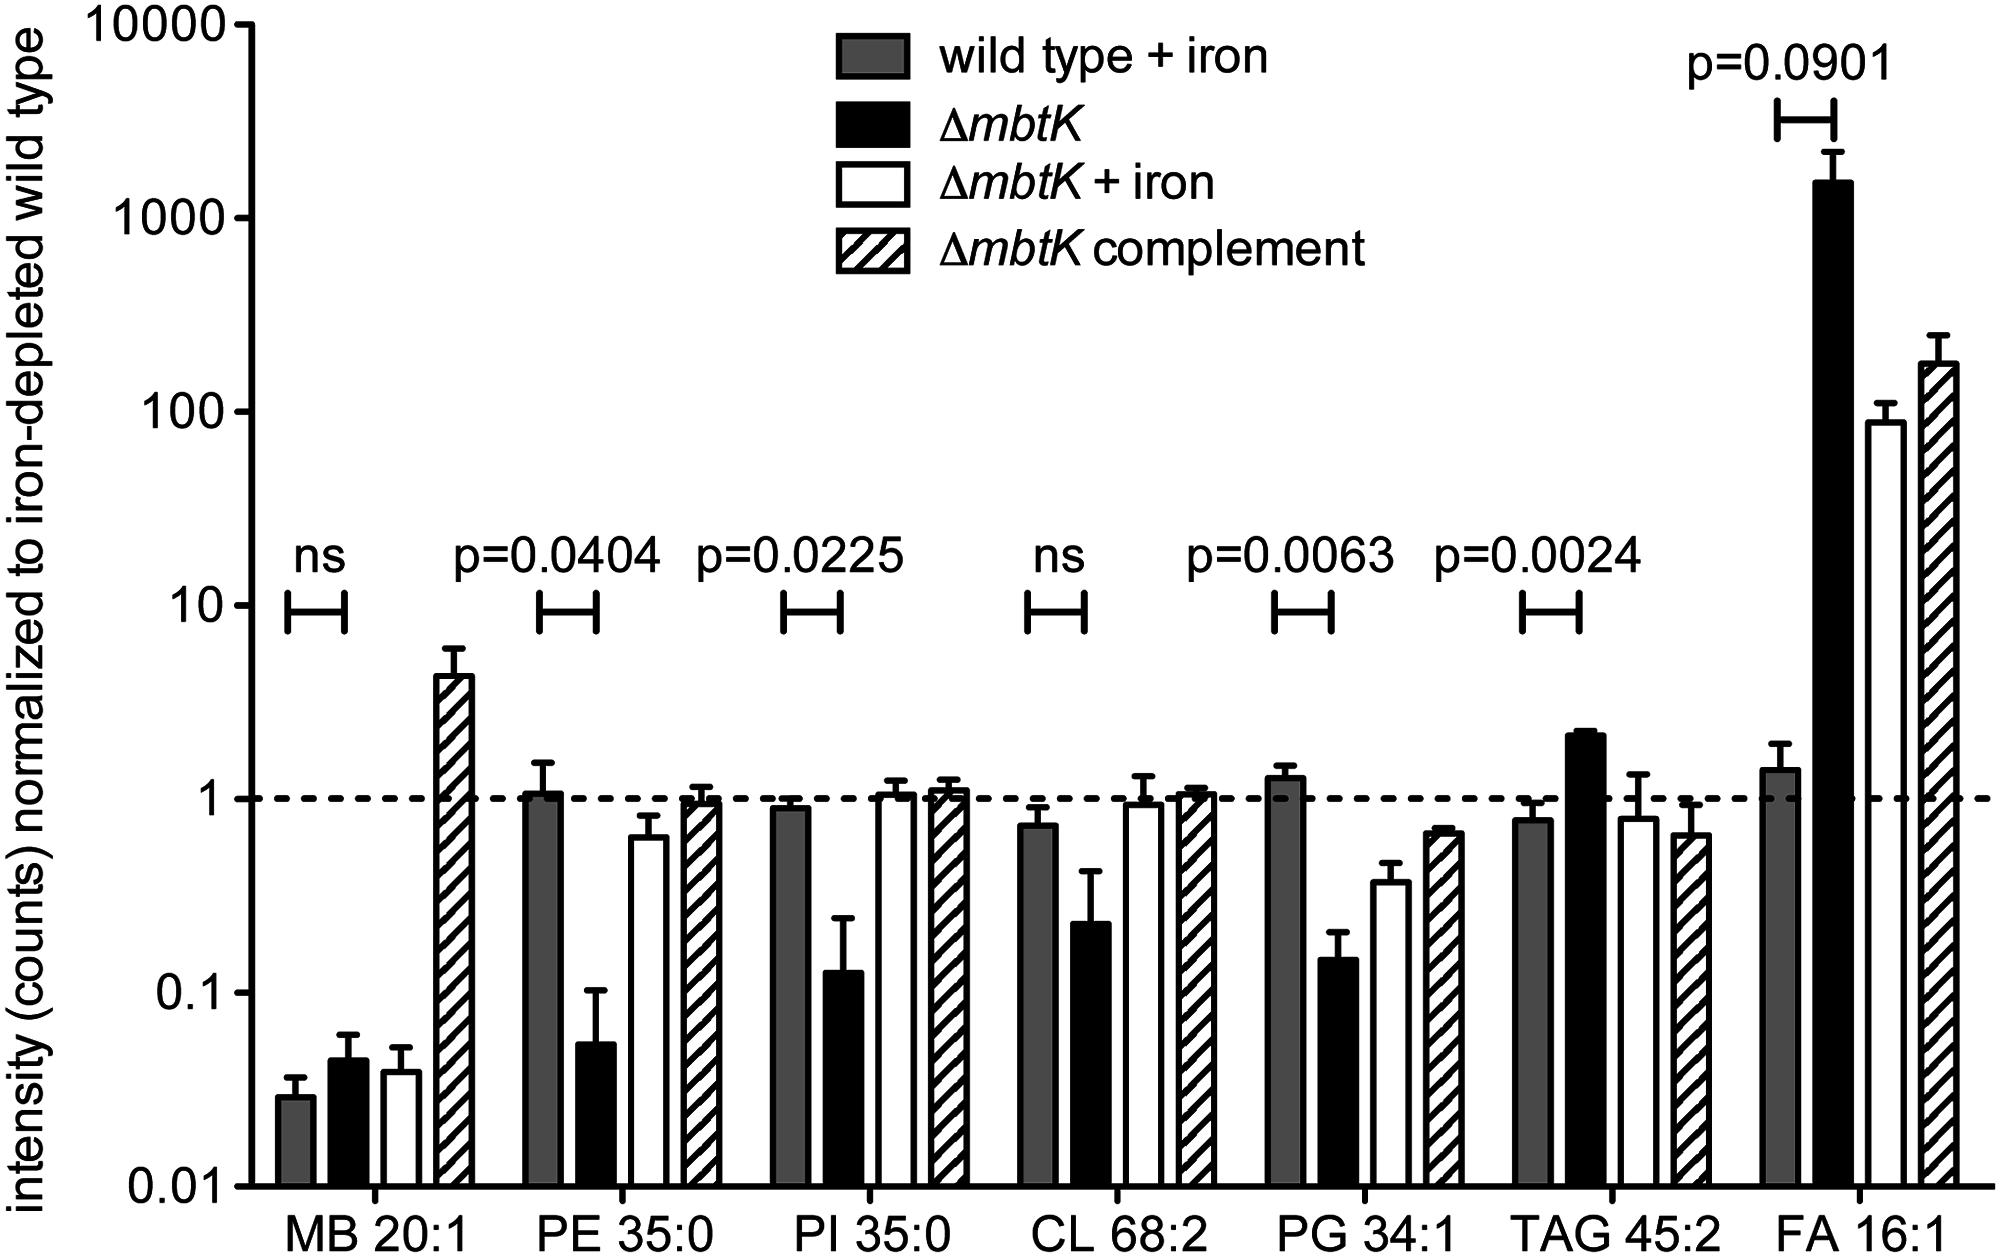 <i>mbtK</i> deletion decreases phospholipid abundance during iron starvation.